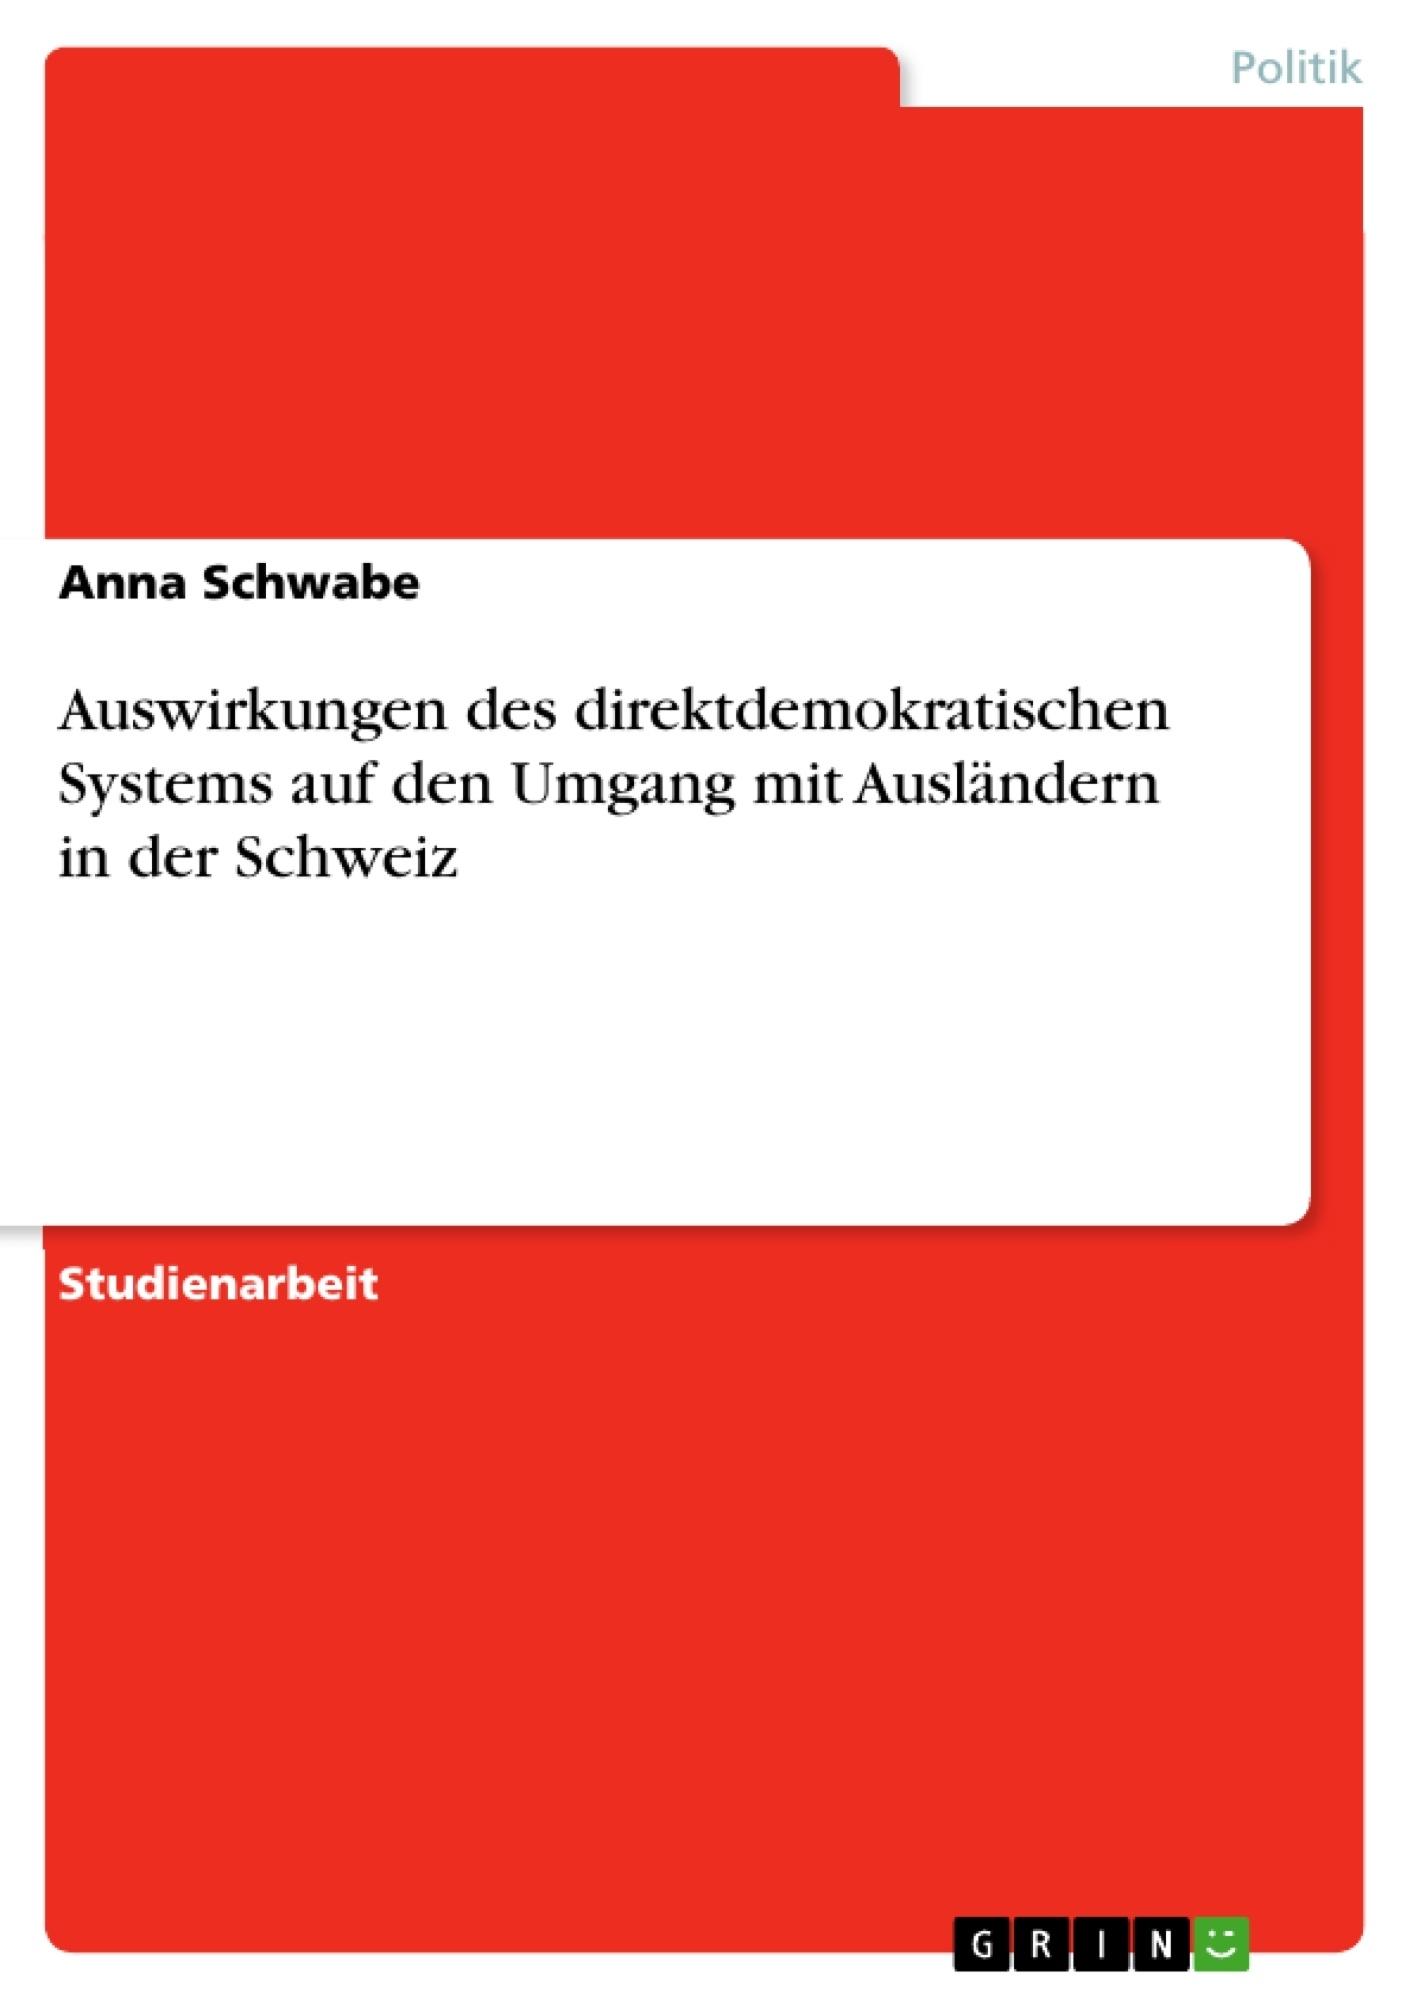 Titel: Auswirkungen des direktdemokratischen Systems auf den Umgang mit Ausländern in der Schweiz